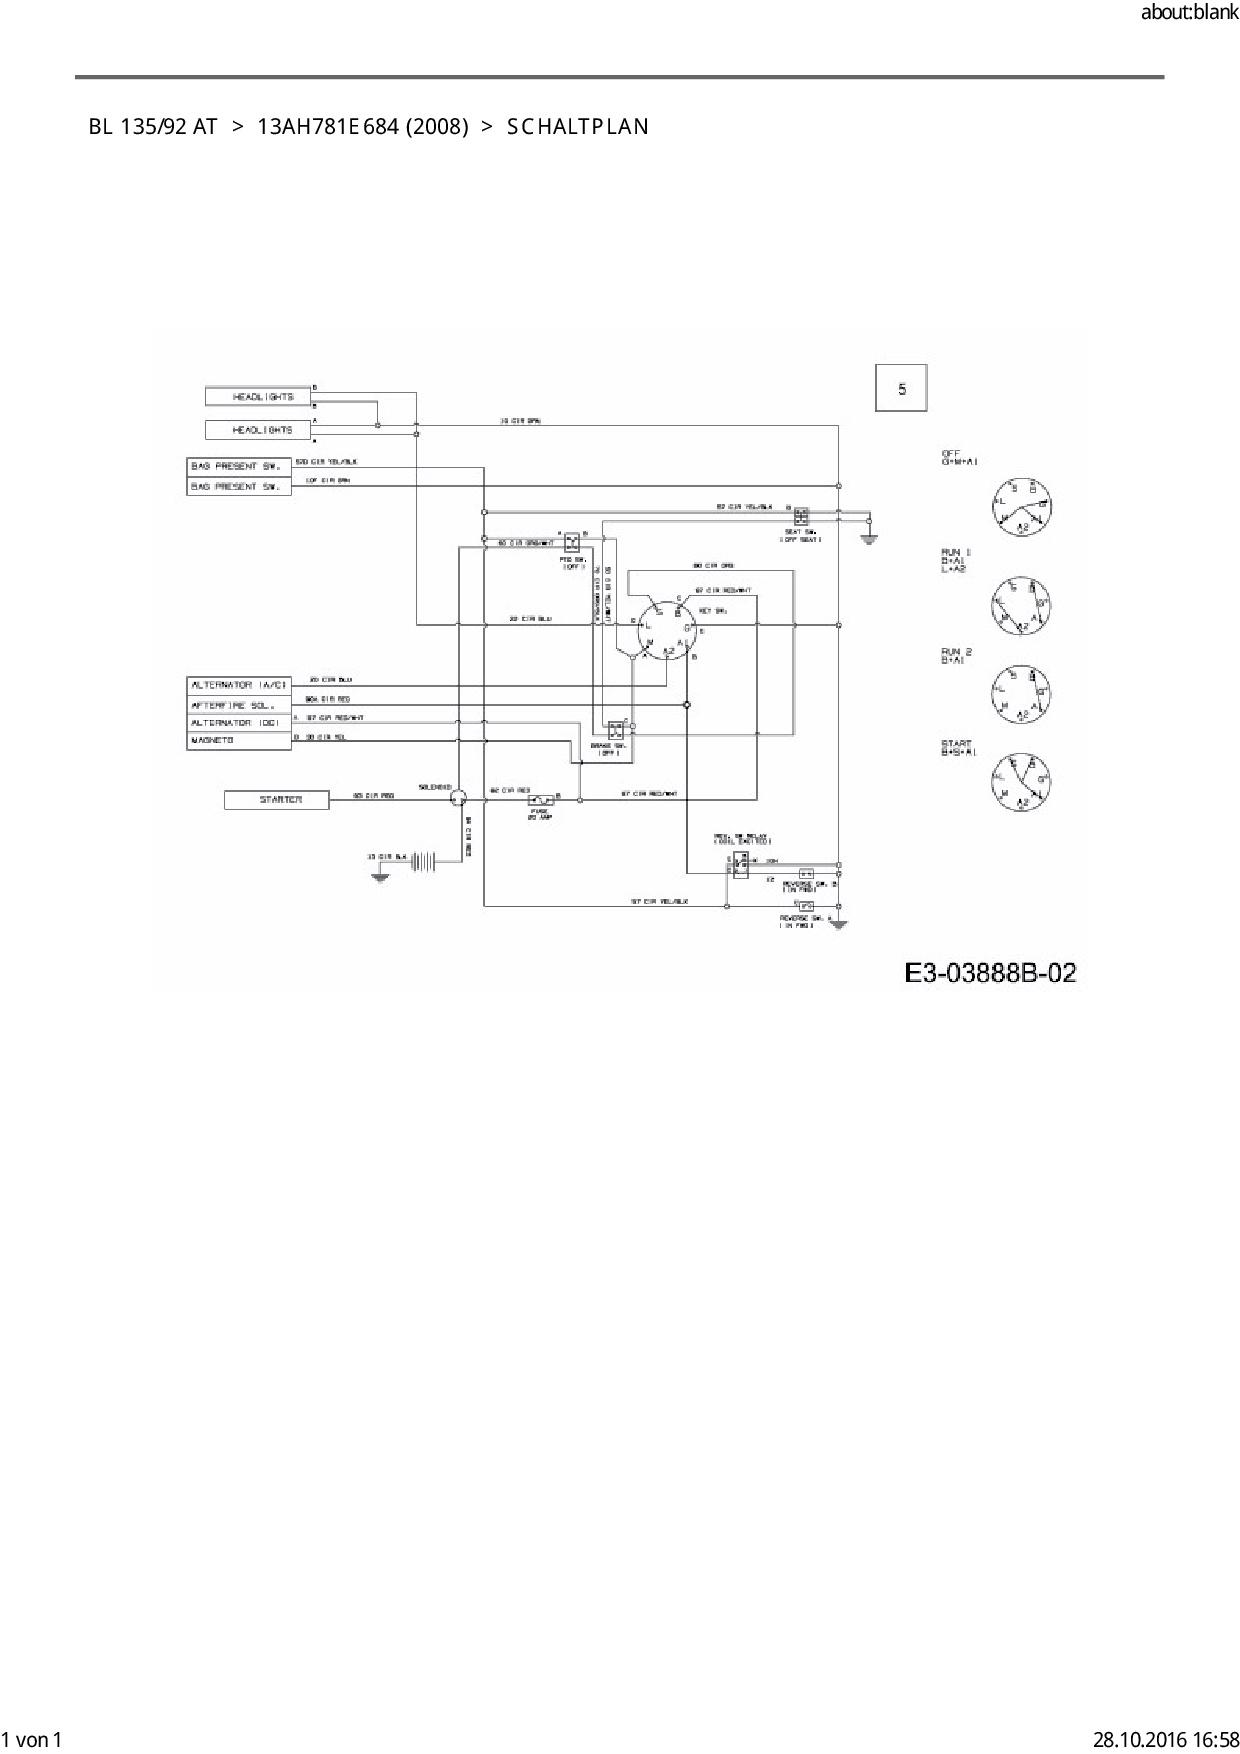 Beste Hoa Schaltplan Galerie - Elektrische Schaltplan-Ideen ...